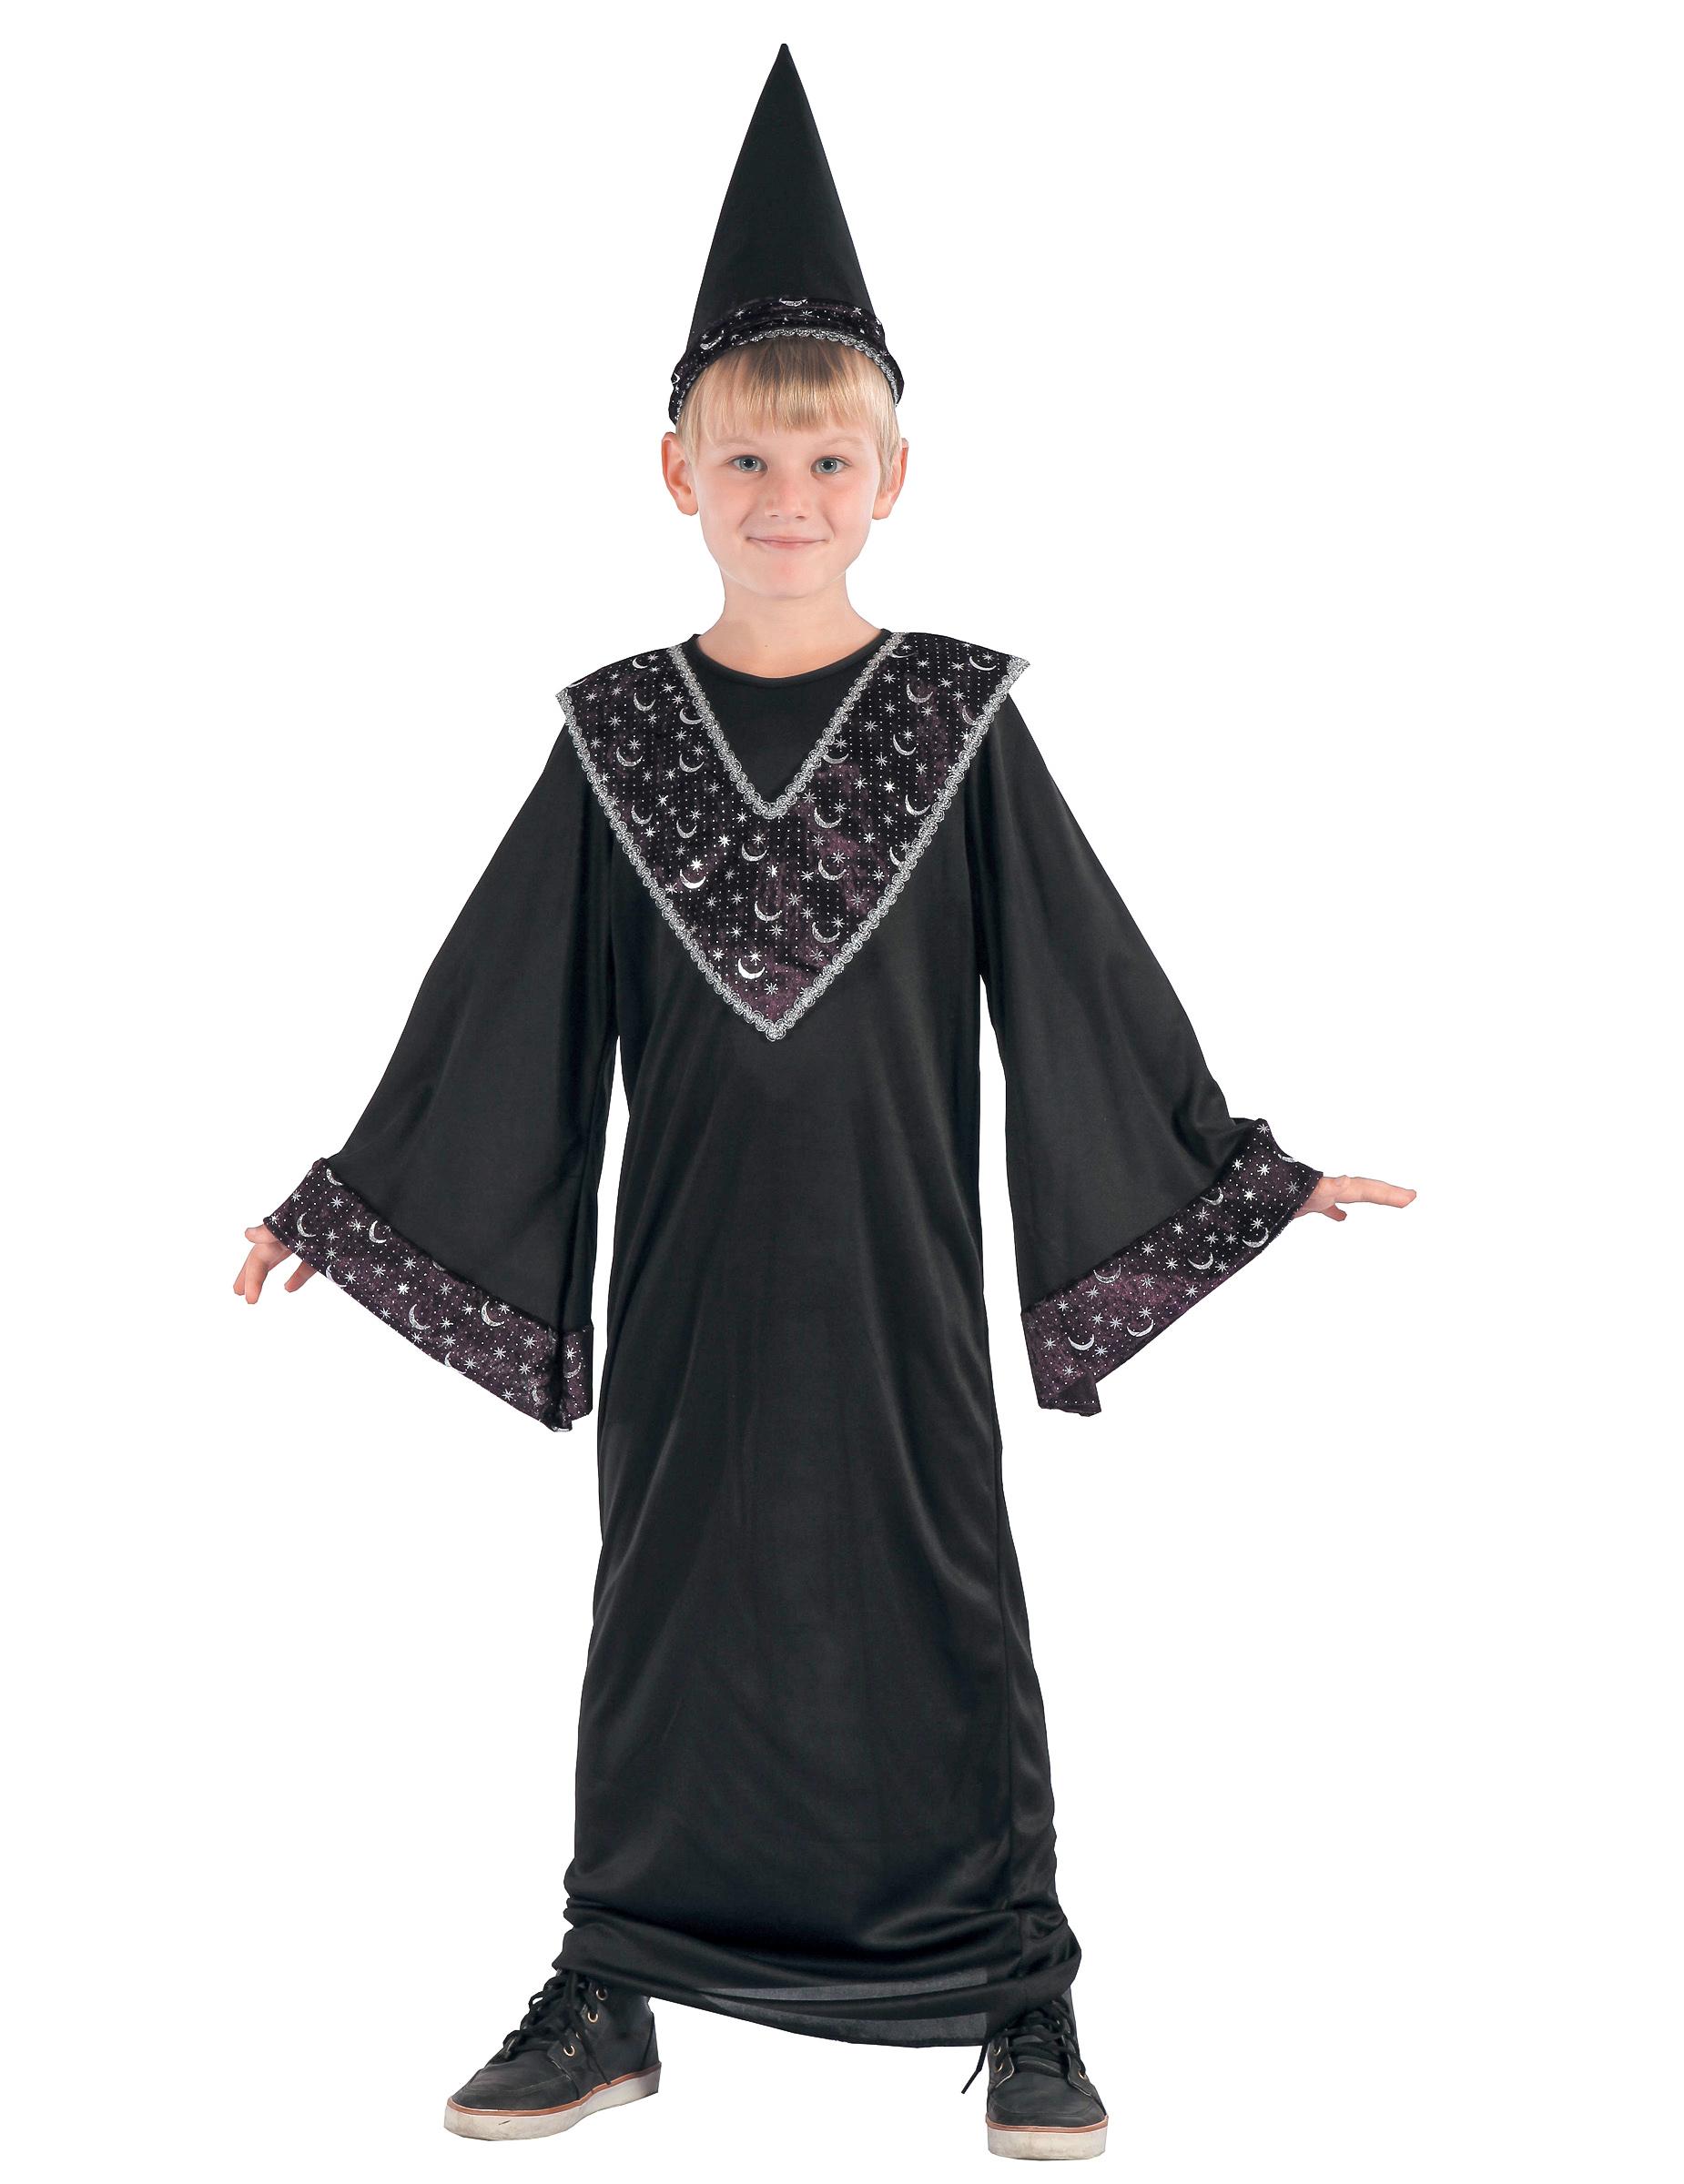 Costume da apprendista stregone per bambino  Costumi bambini f31eb92fe8ad